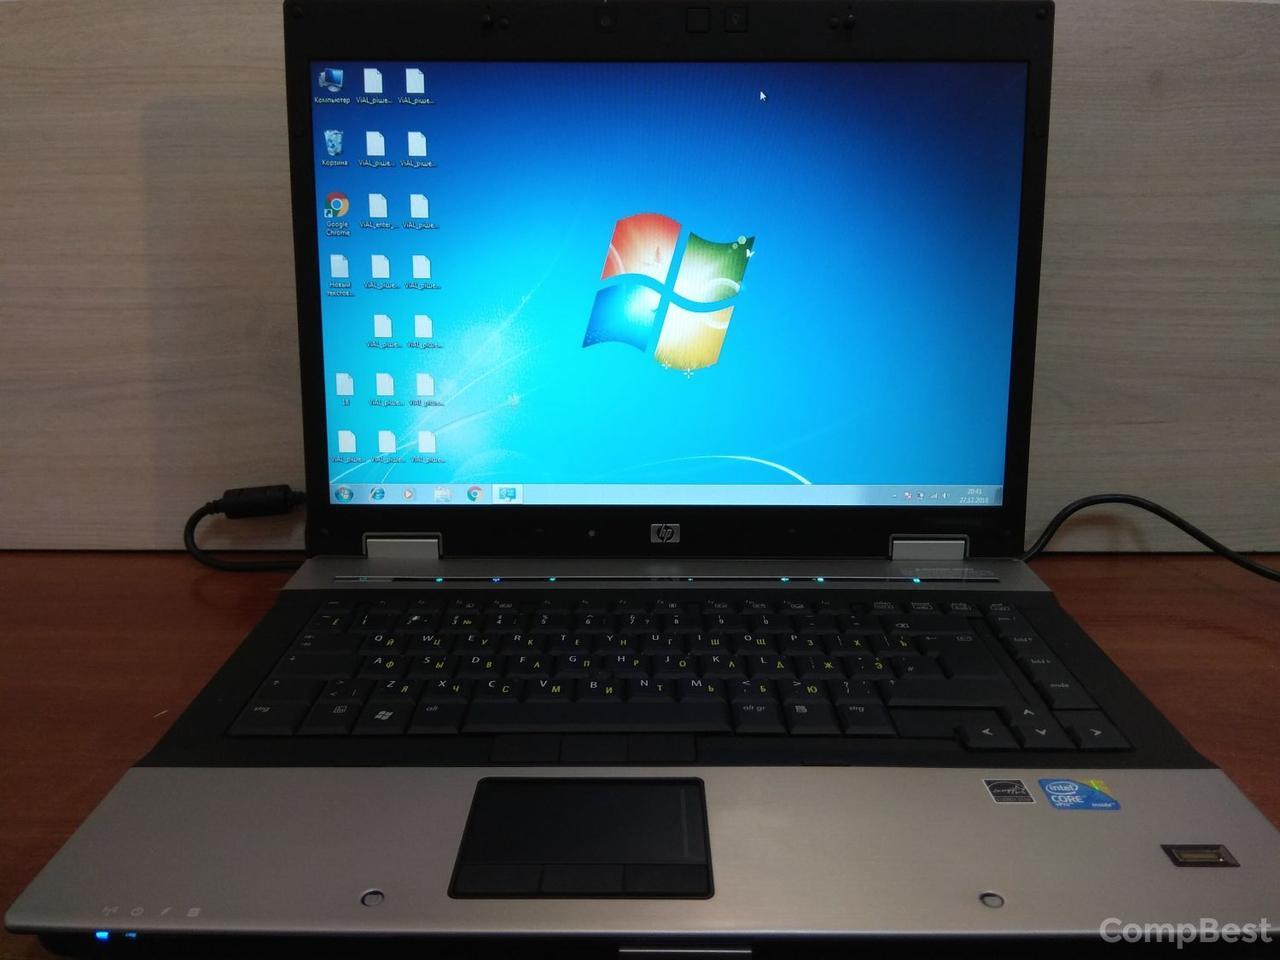 HP Elitebook 8530p / 15.4'' / 1280x800 TFT / Intel® Core™2 Duo P8600 (2 ядра по 2.40 GHz) / 4 GB DDR2 / 120 GB HDD / ATI Radeon HD 3650 (256 Mb